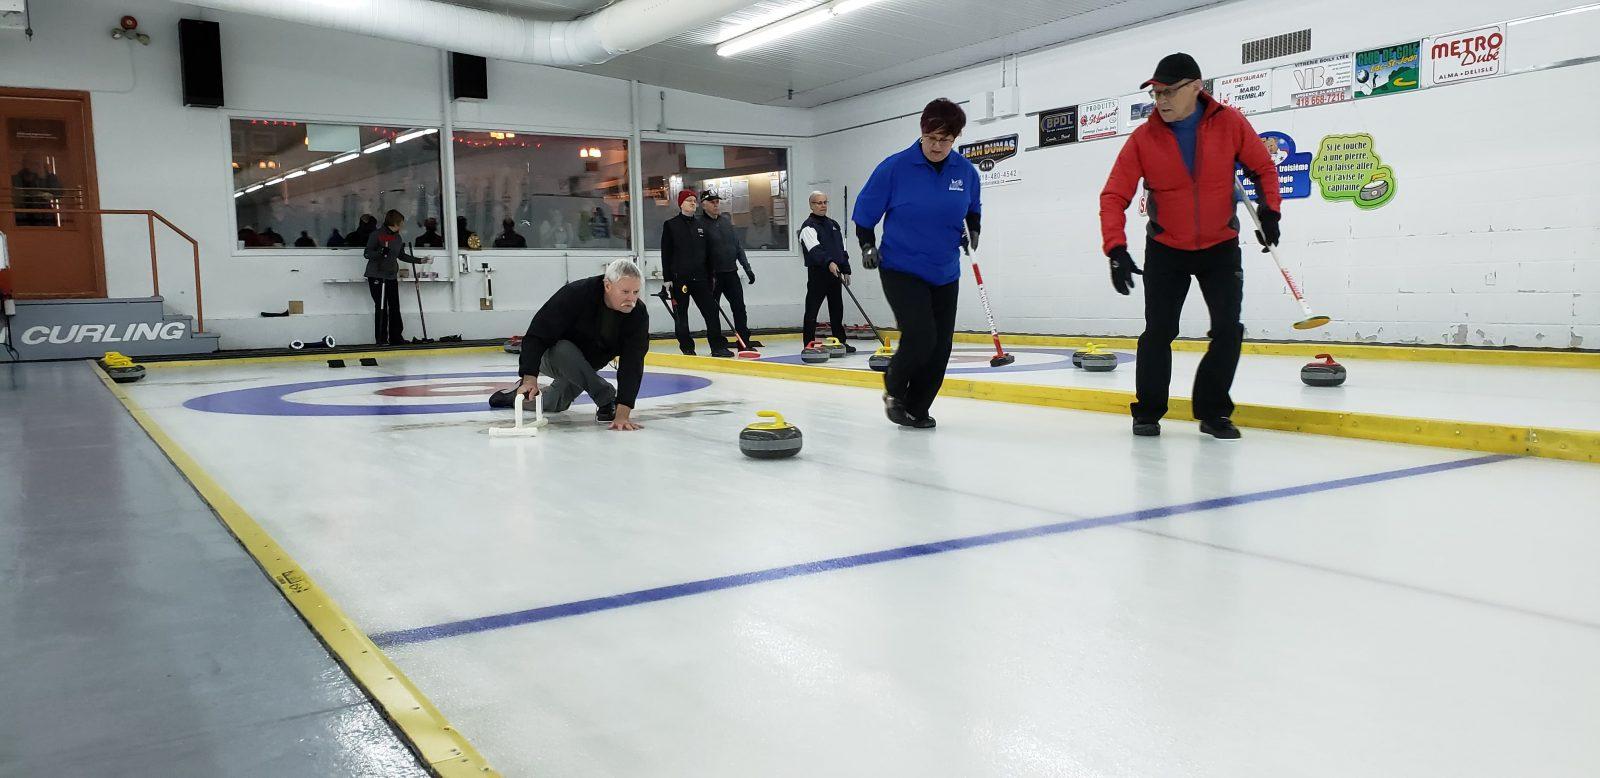 Club de curling Riverbend: Un gros tournoi le mois prochain